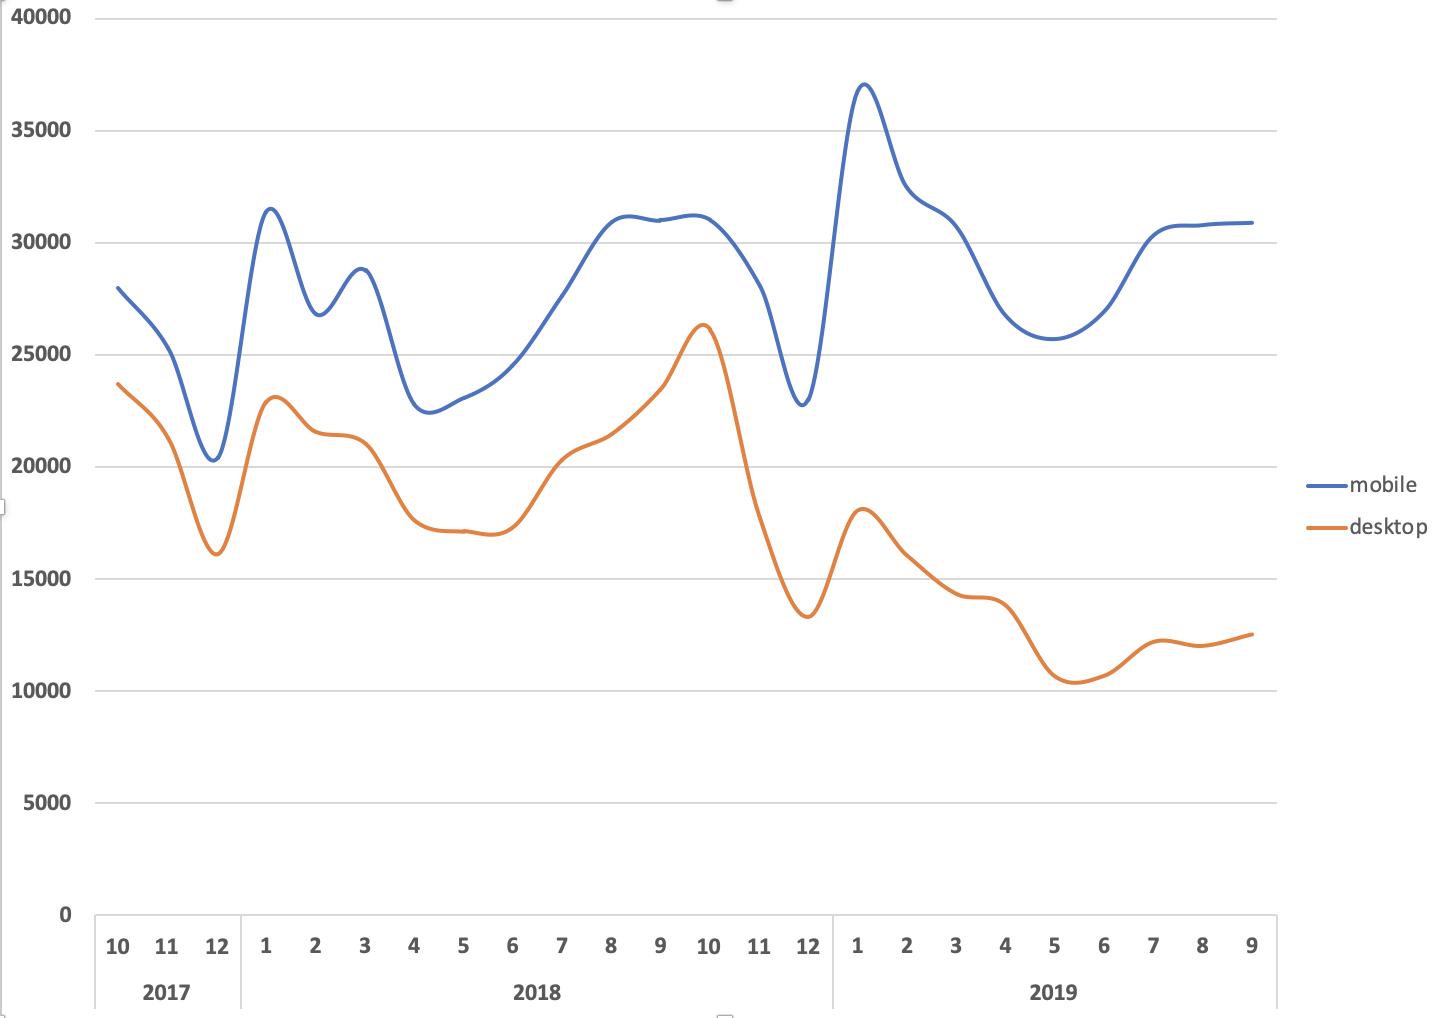 распределение трафика в абсолютных числах